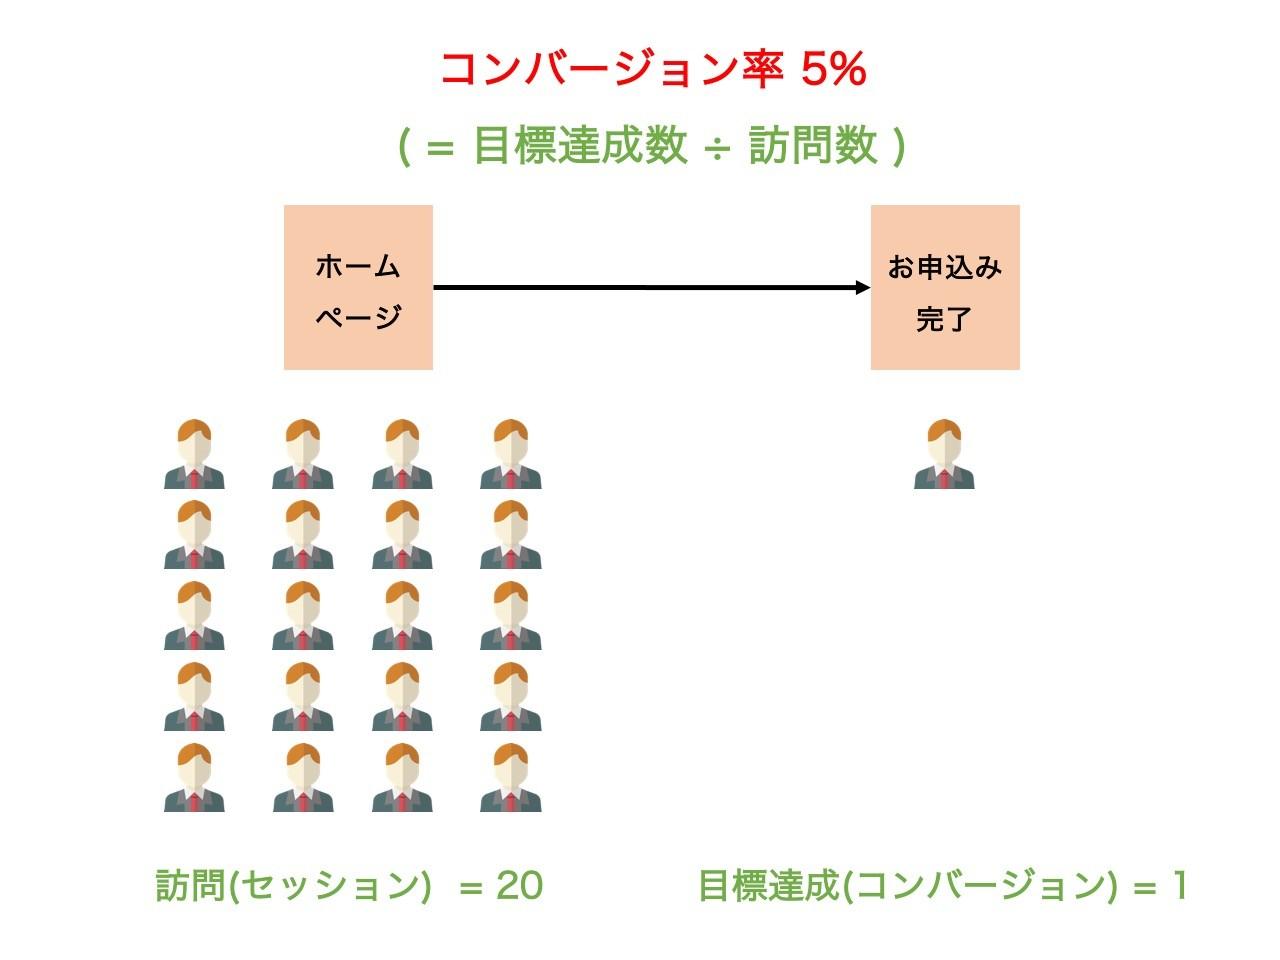 コンバージョン率の概念説明